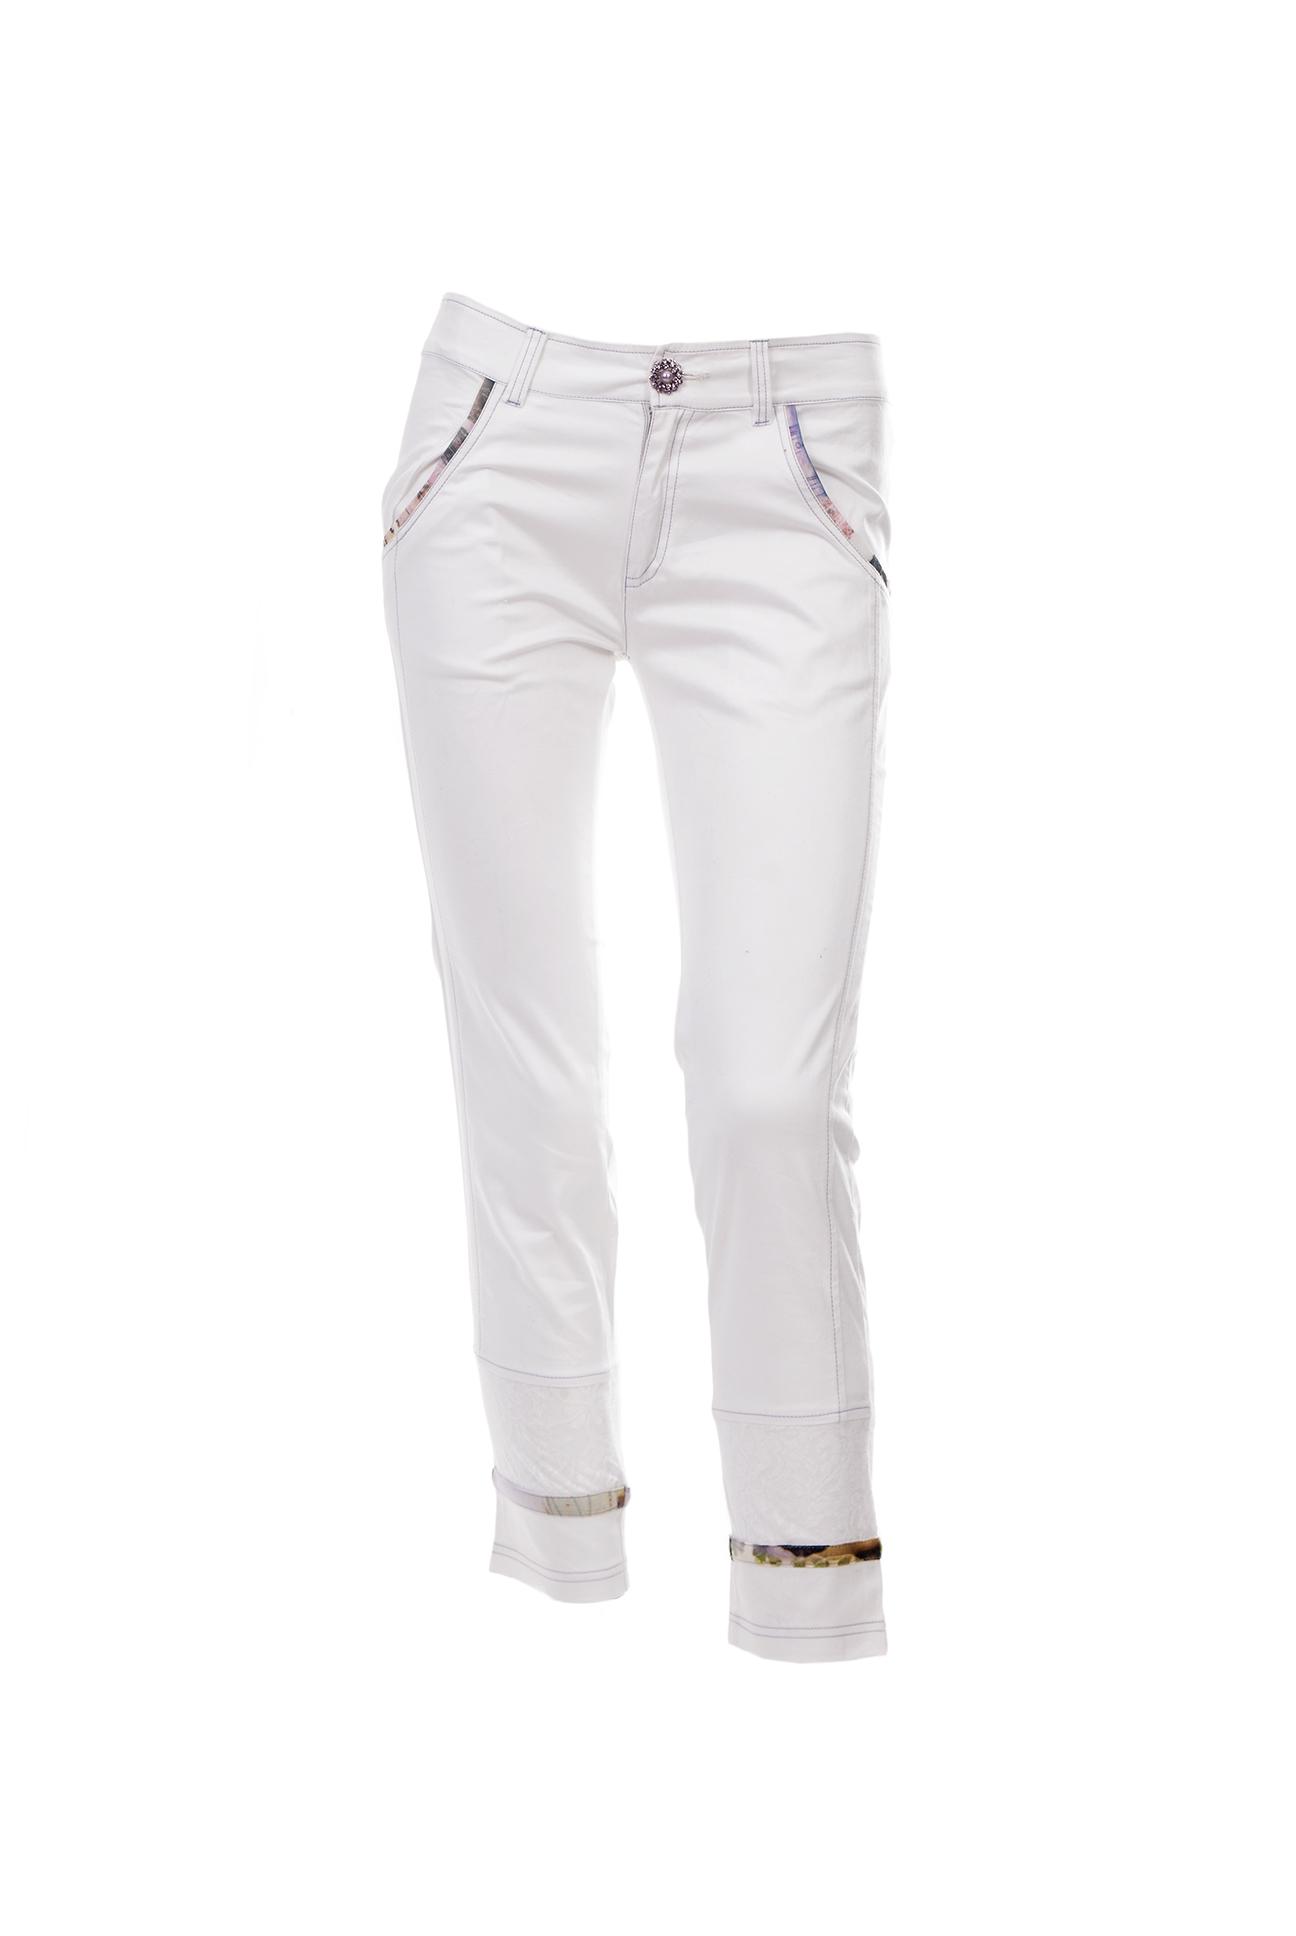 Les Fees Du Vent Couture: Pastel Princess Capri Pant LFDV_887827